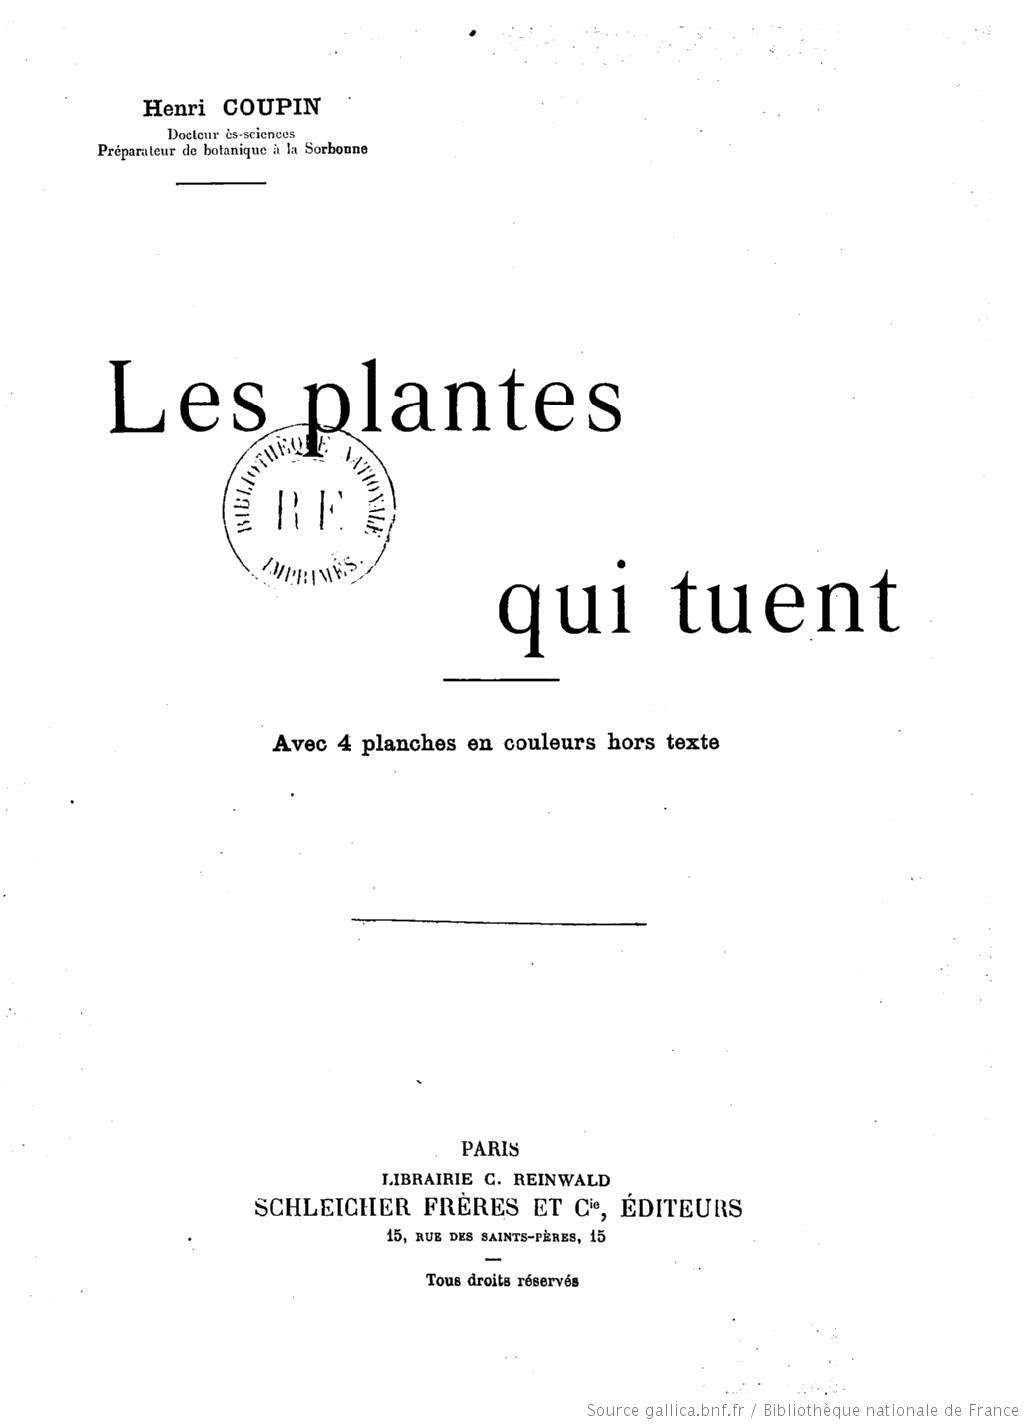 [PDF] Ouvrages anciens: Plantes potagéres,médicinales .... F5